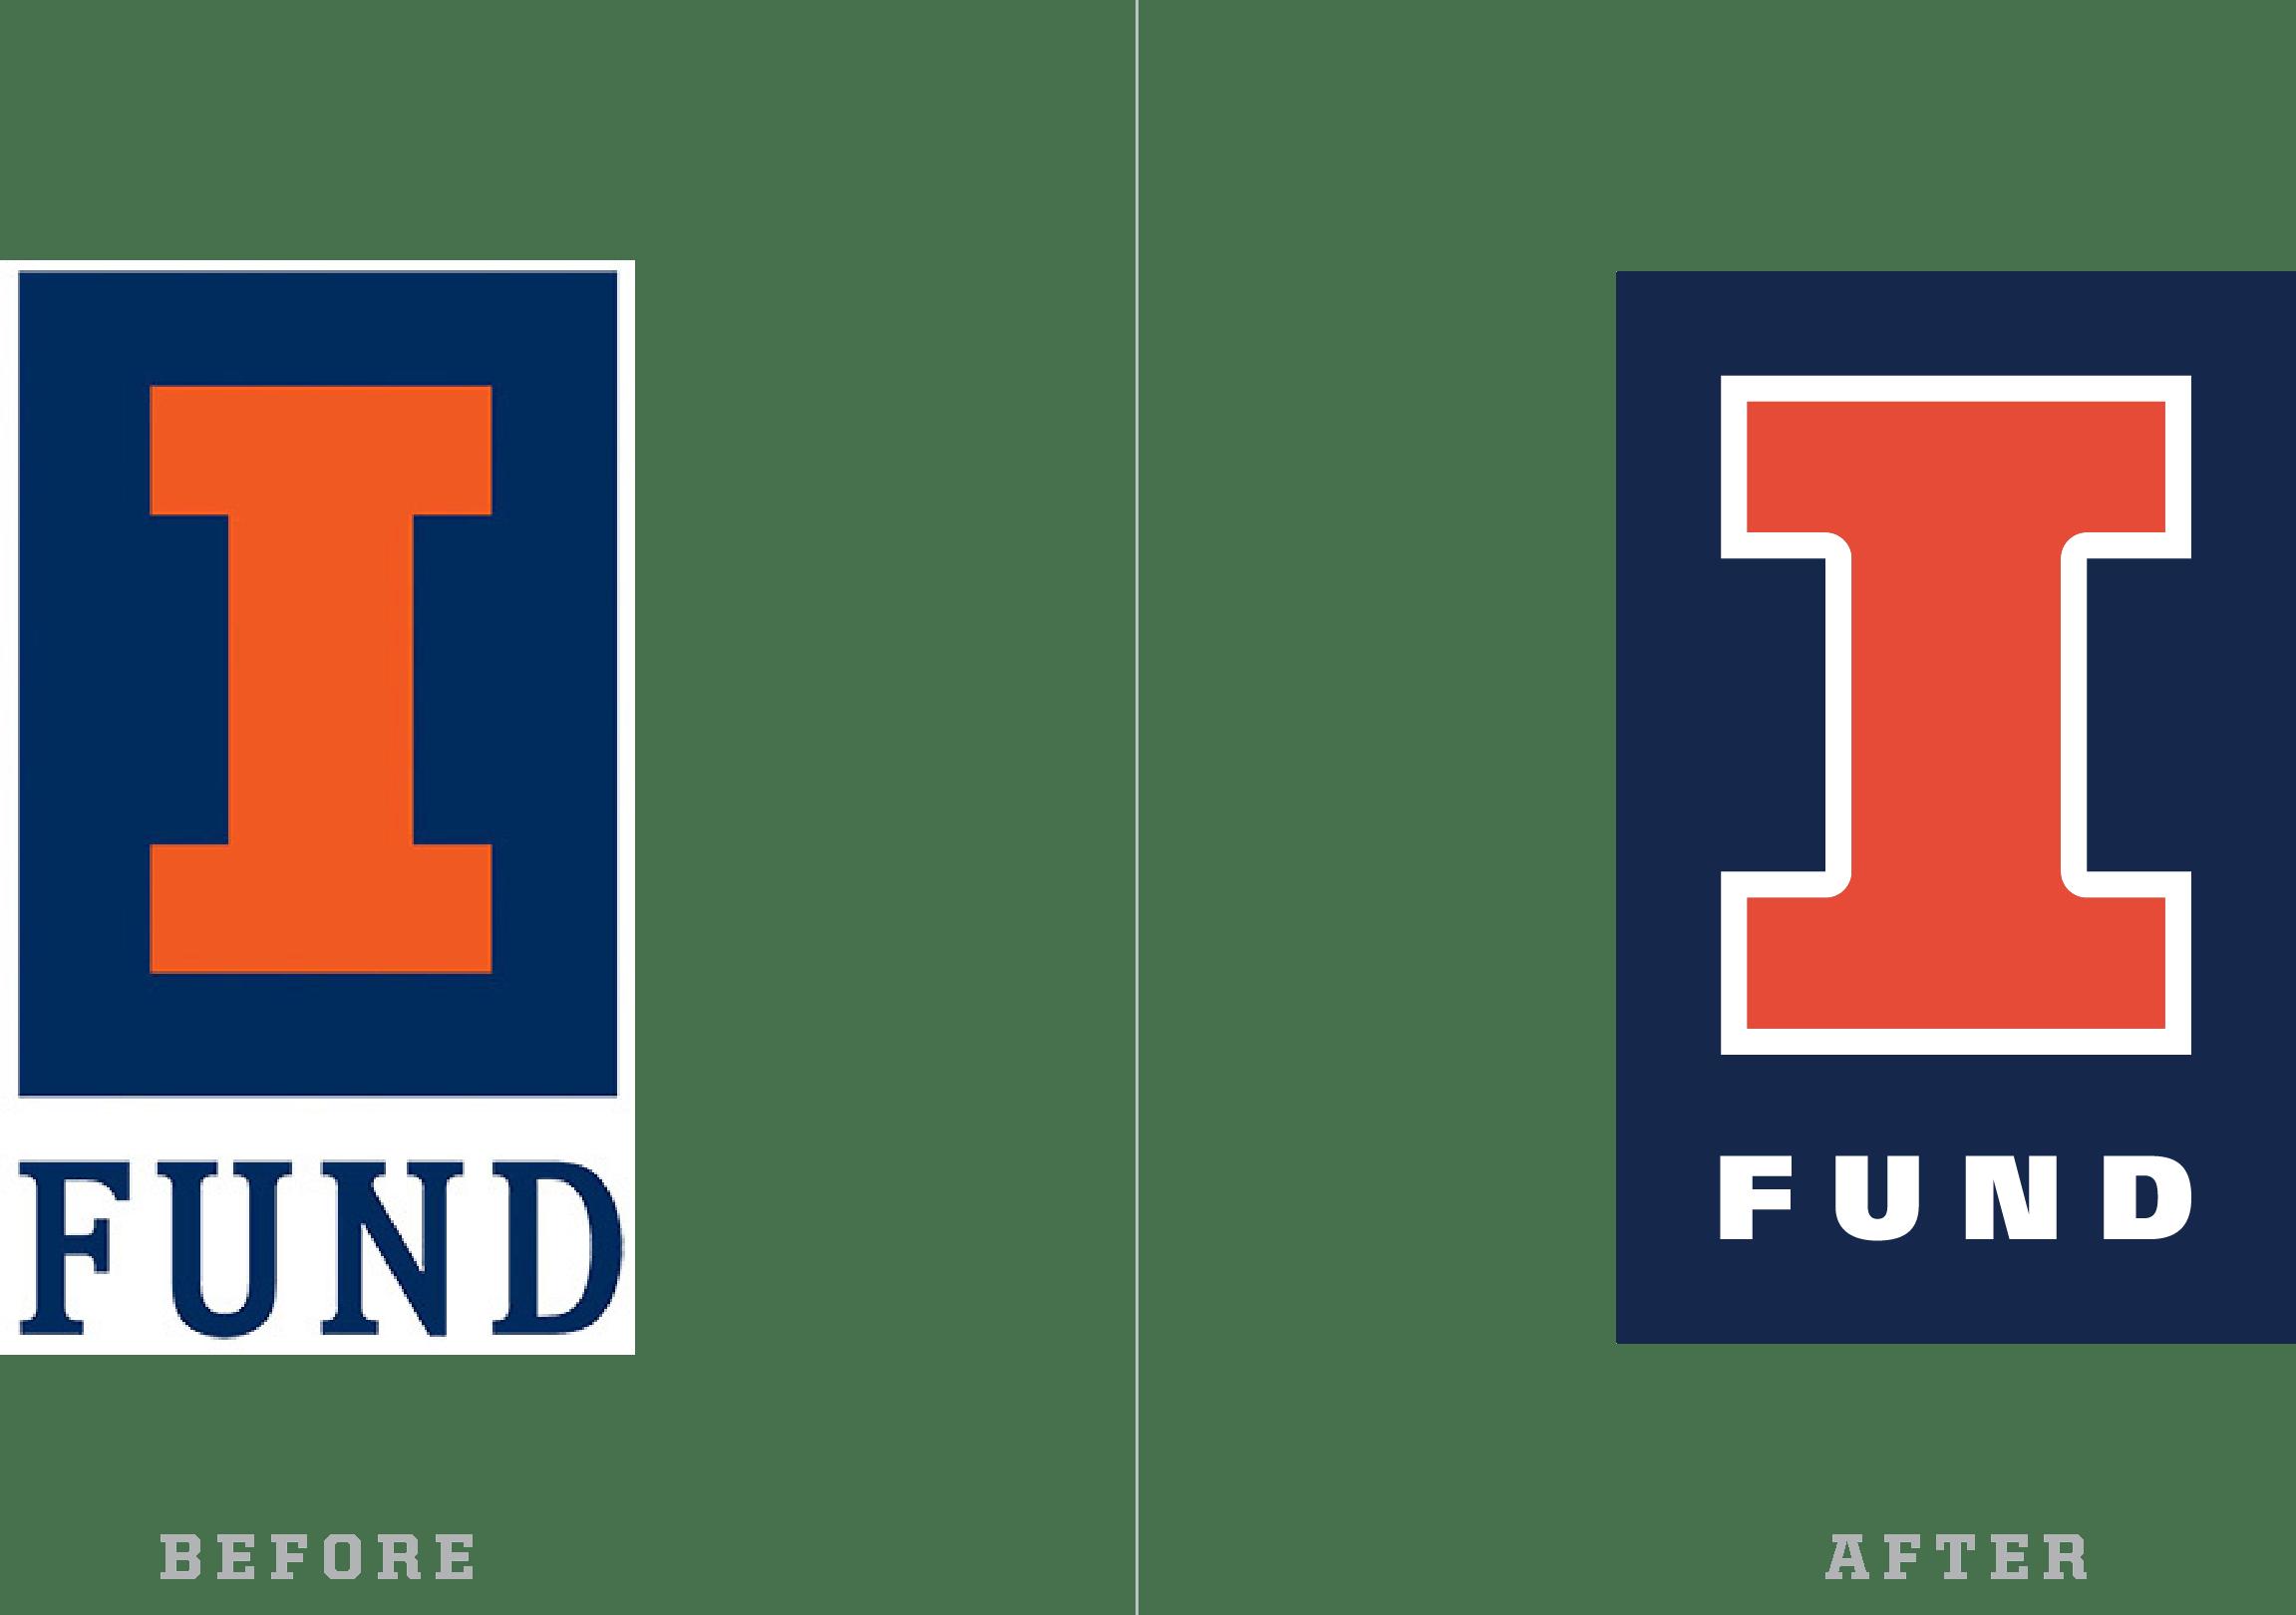 University of Illinois Department of Intercollegiate Athletics - I-Fund Rebrand